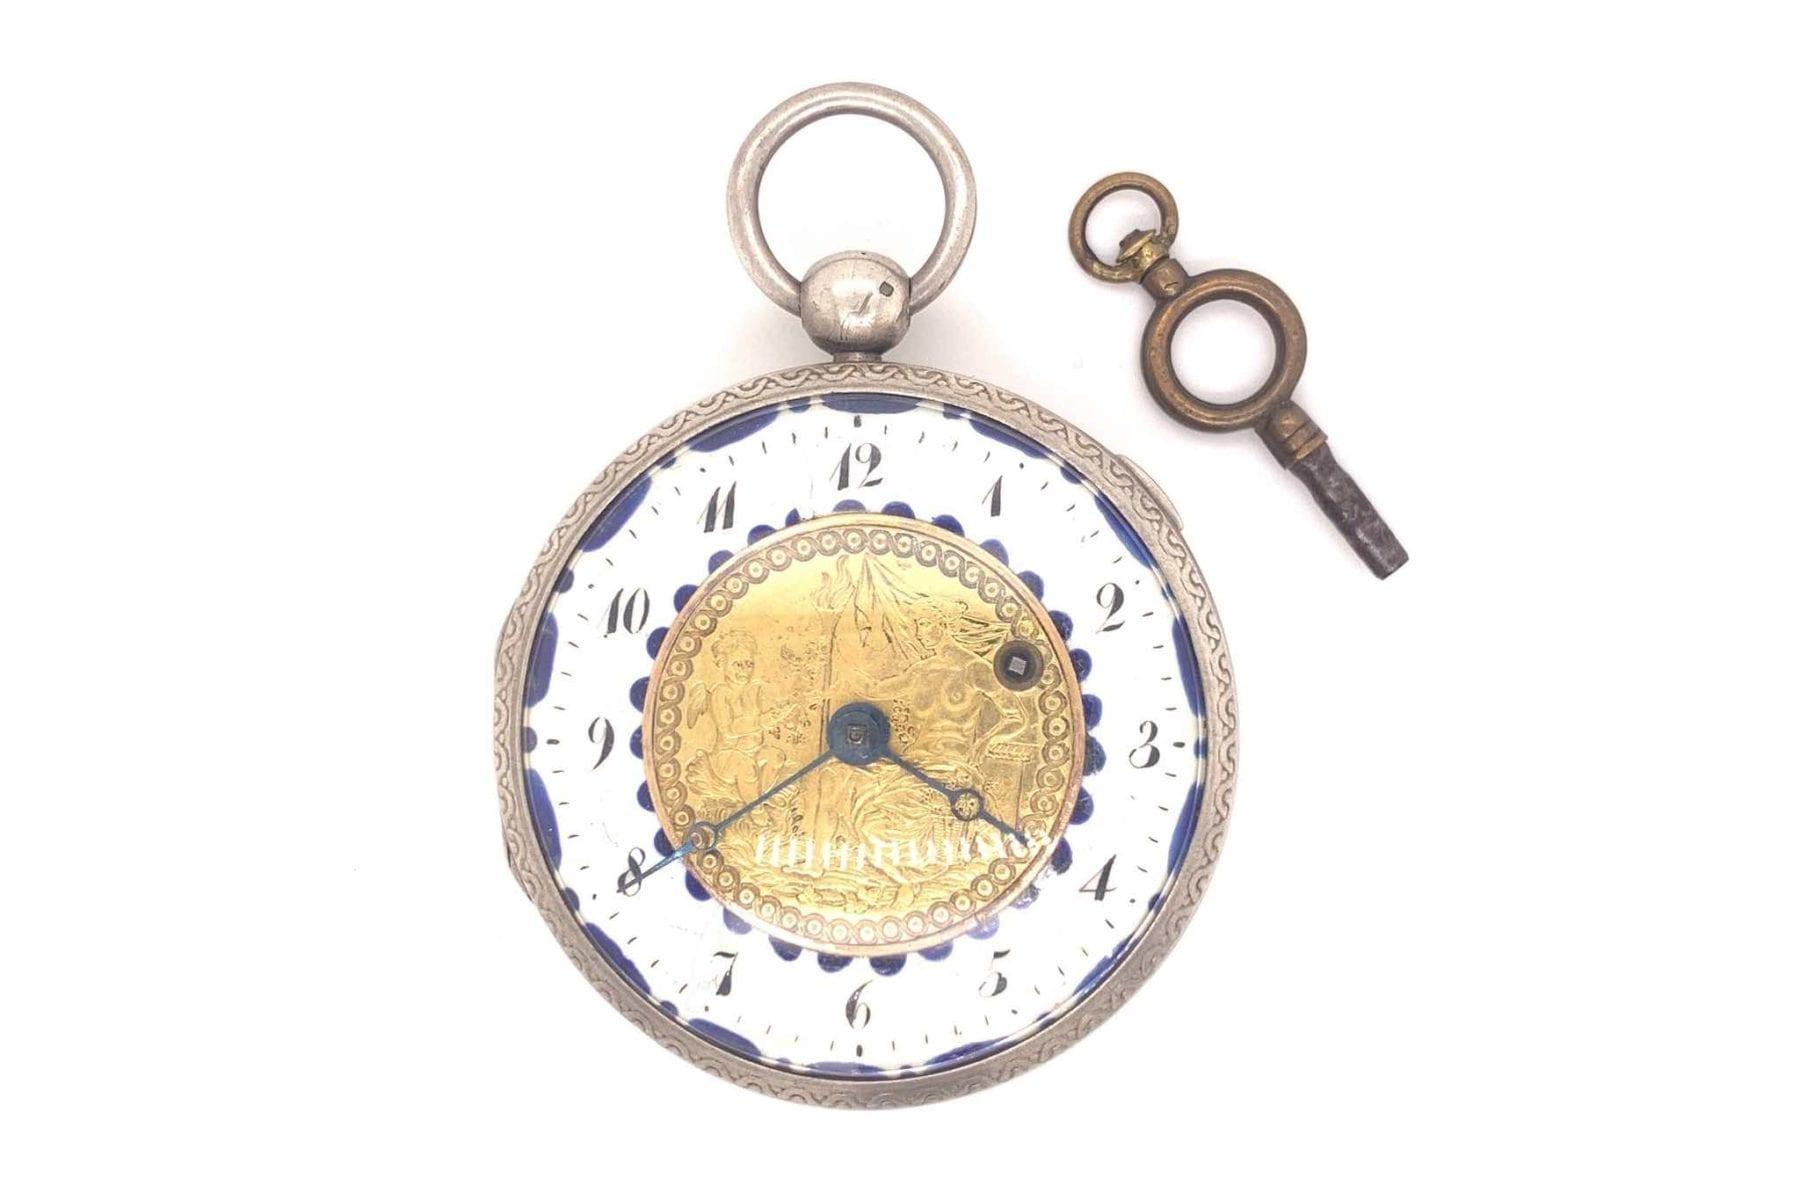 montre à coque en argent des années 1800